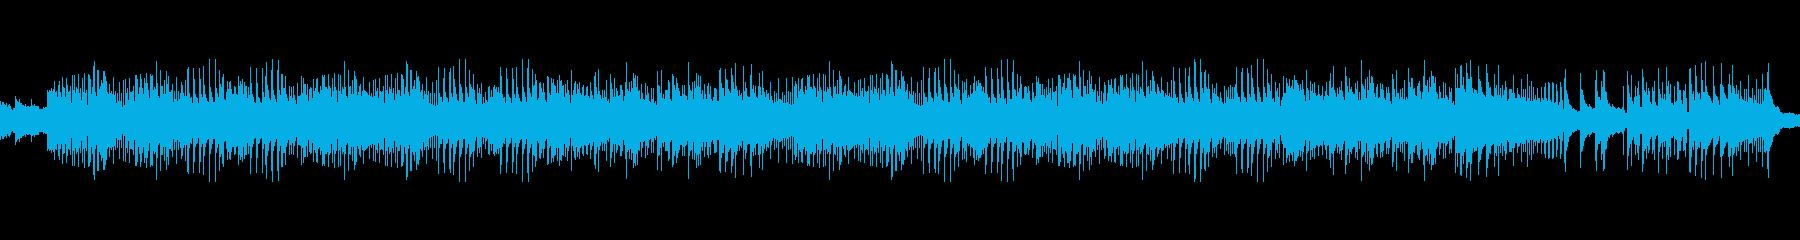 爽快なピアノとストリングスの混ざりの再生済みの波形